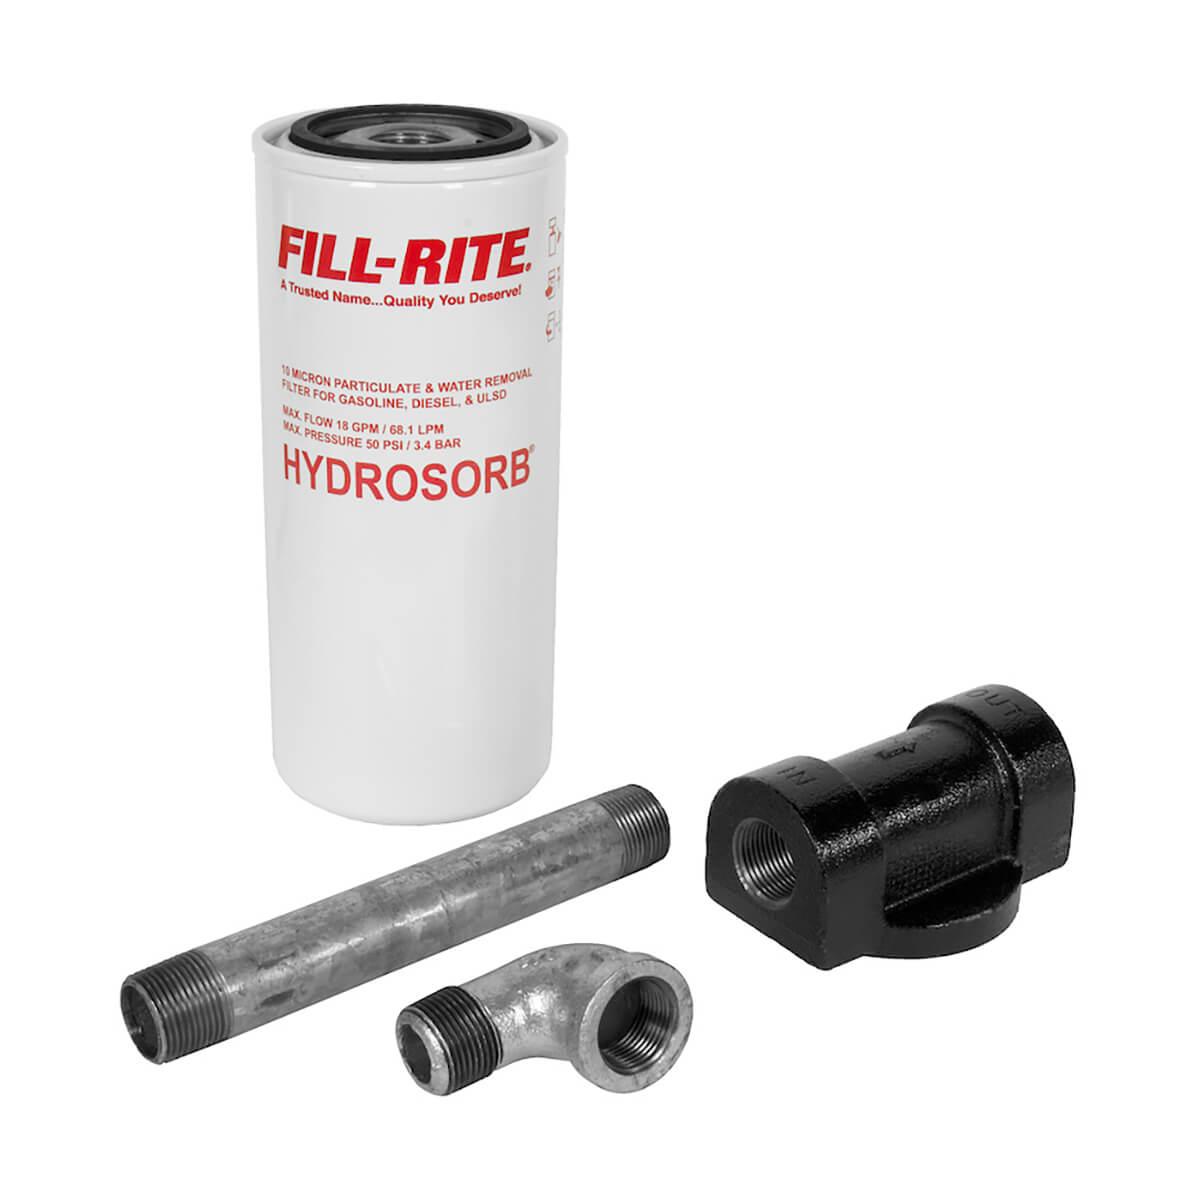 18 GPM Hydrosorb Fuel Filter Kit